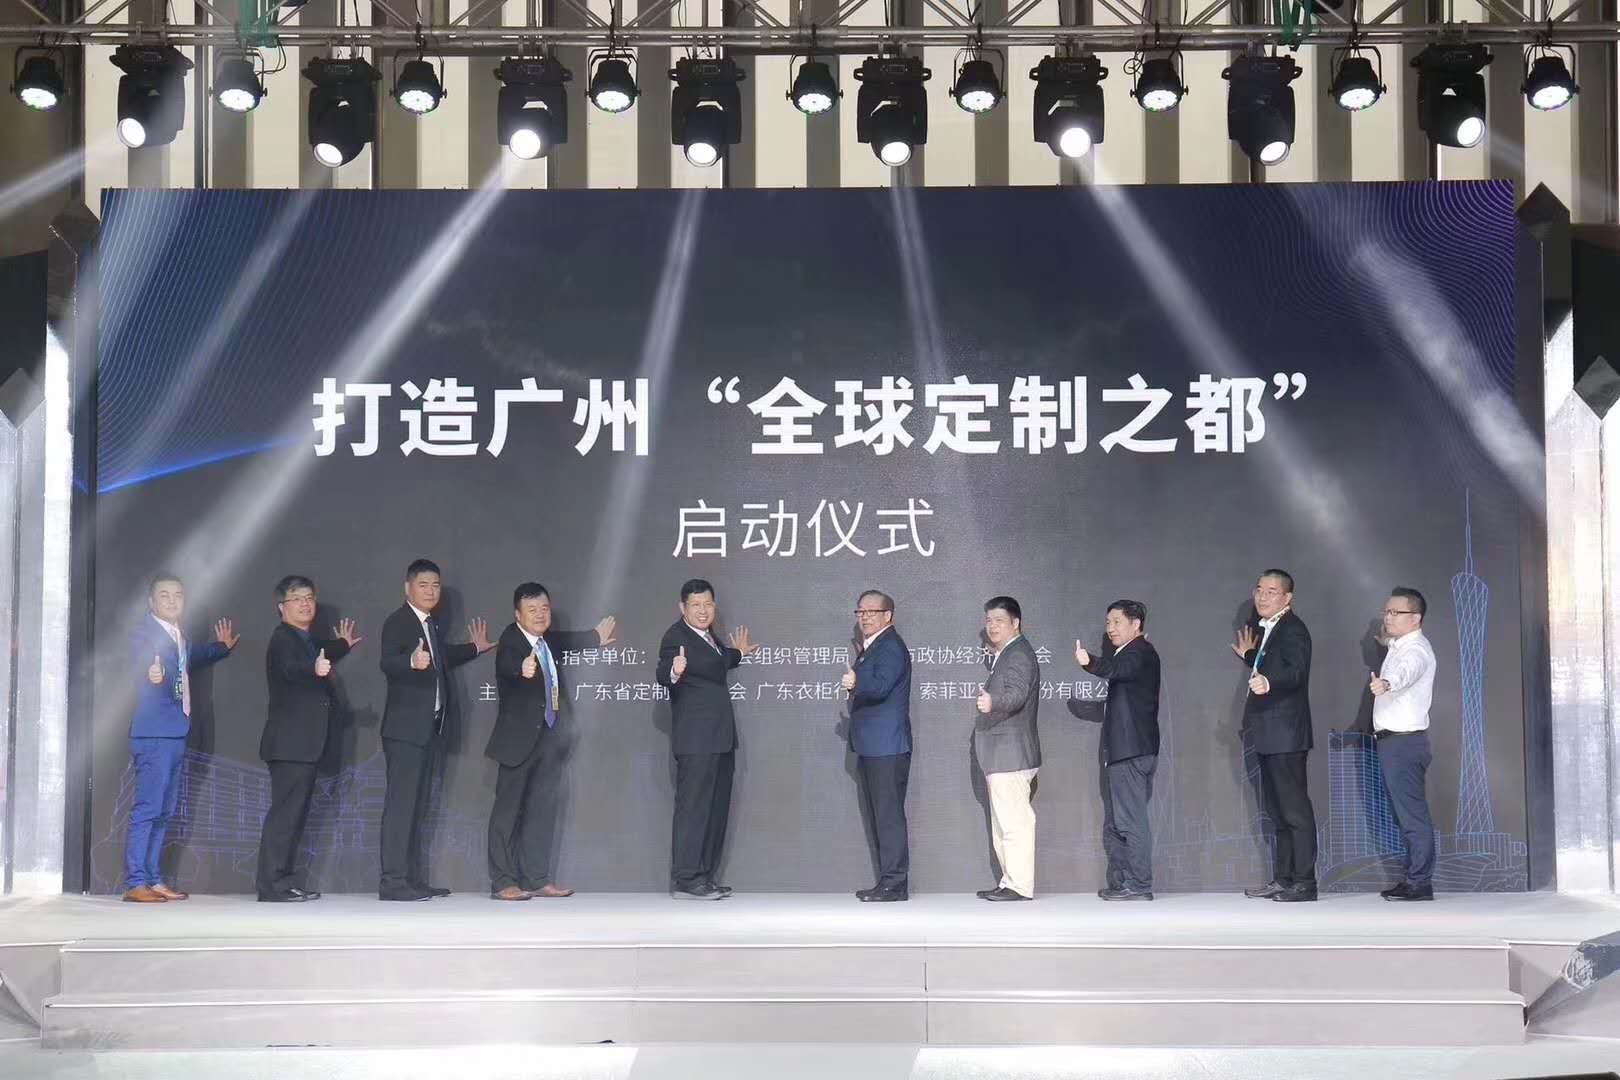 2019年广州定制家居展&上海建博会首日,卡诺亚领势而来